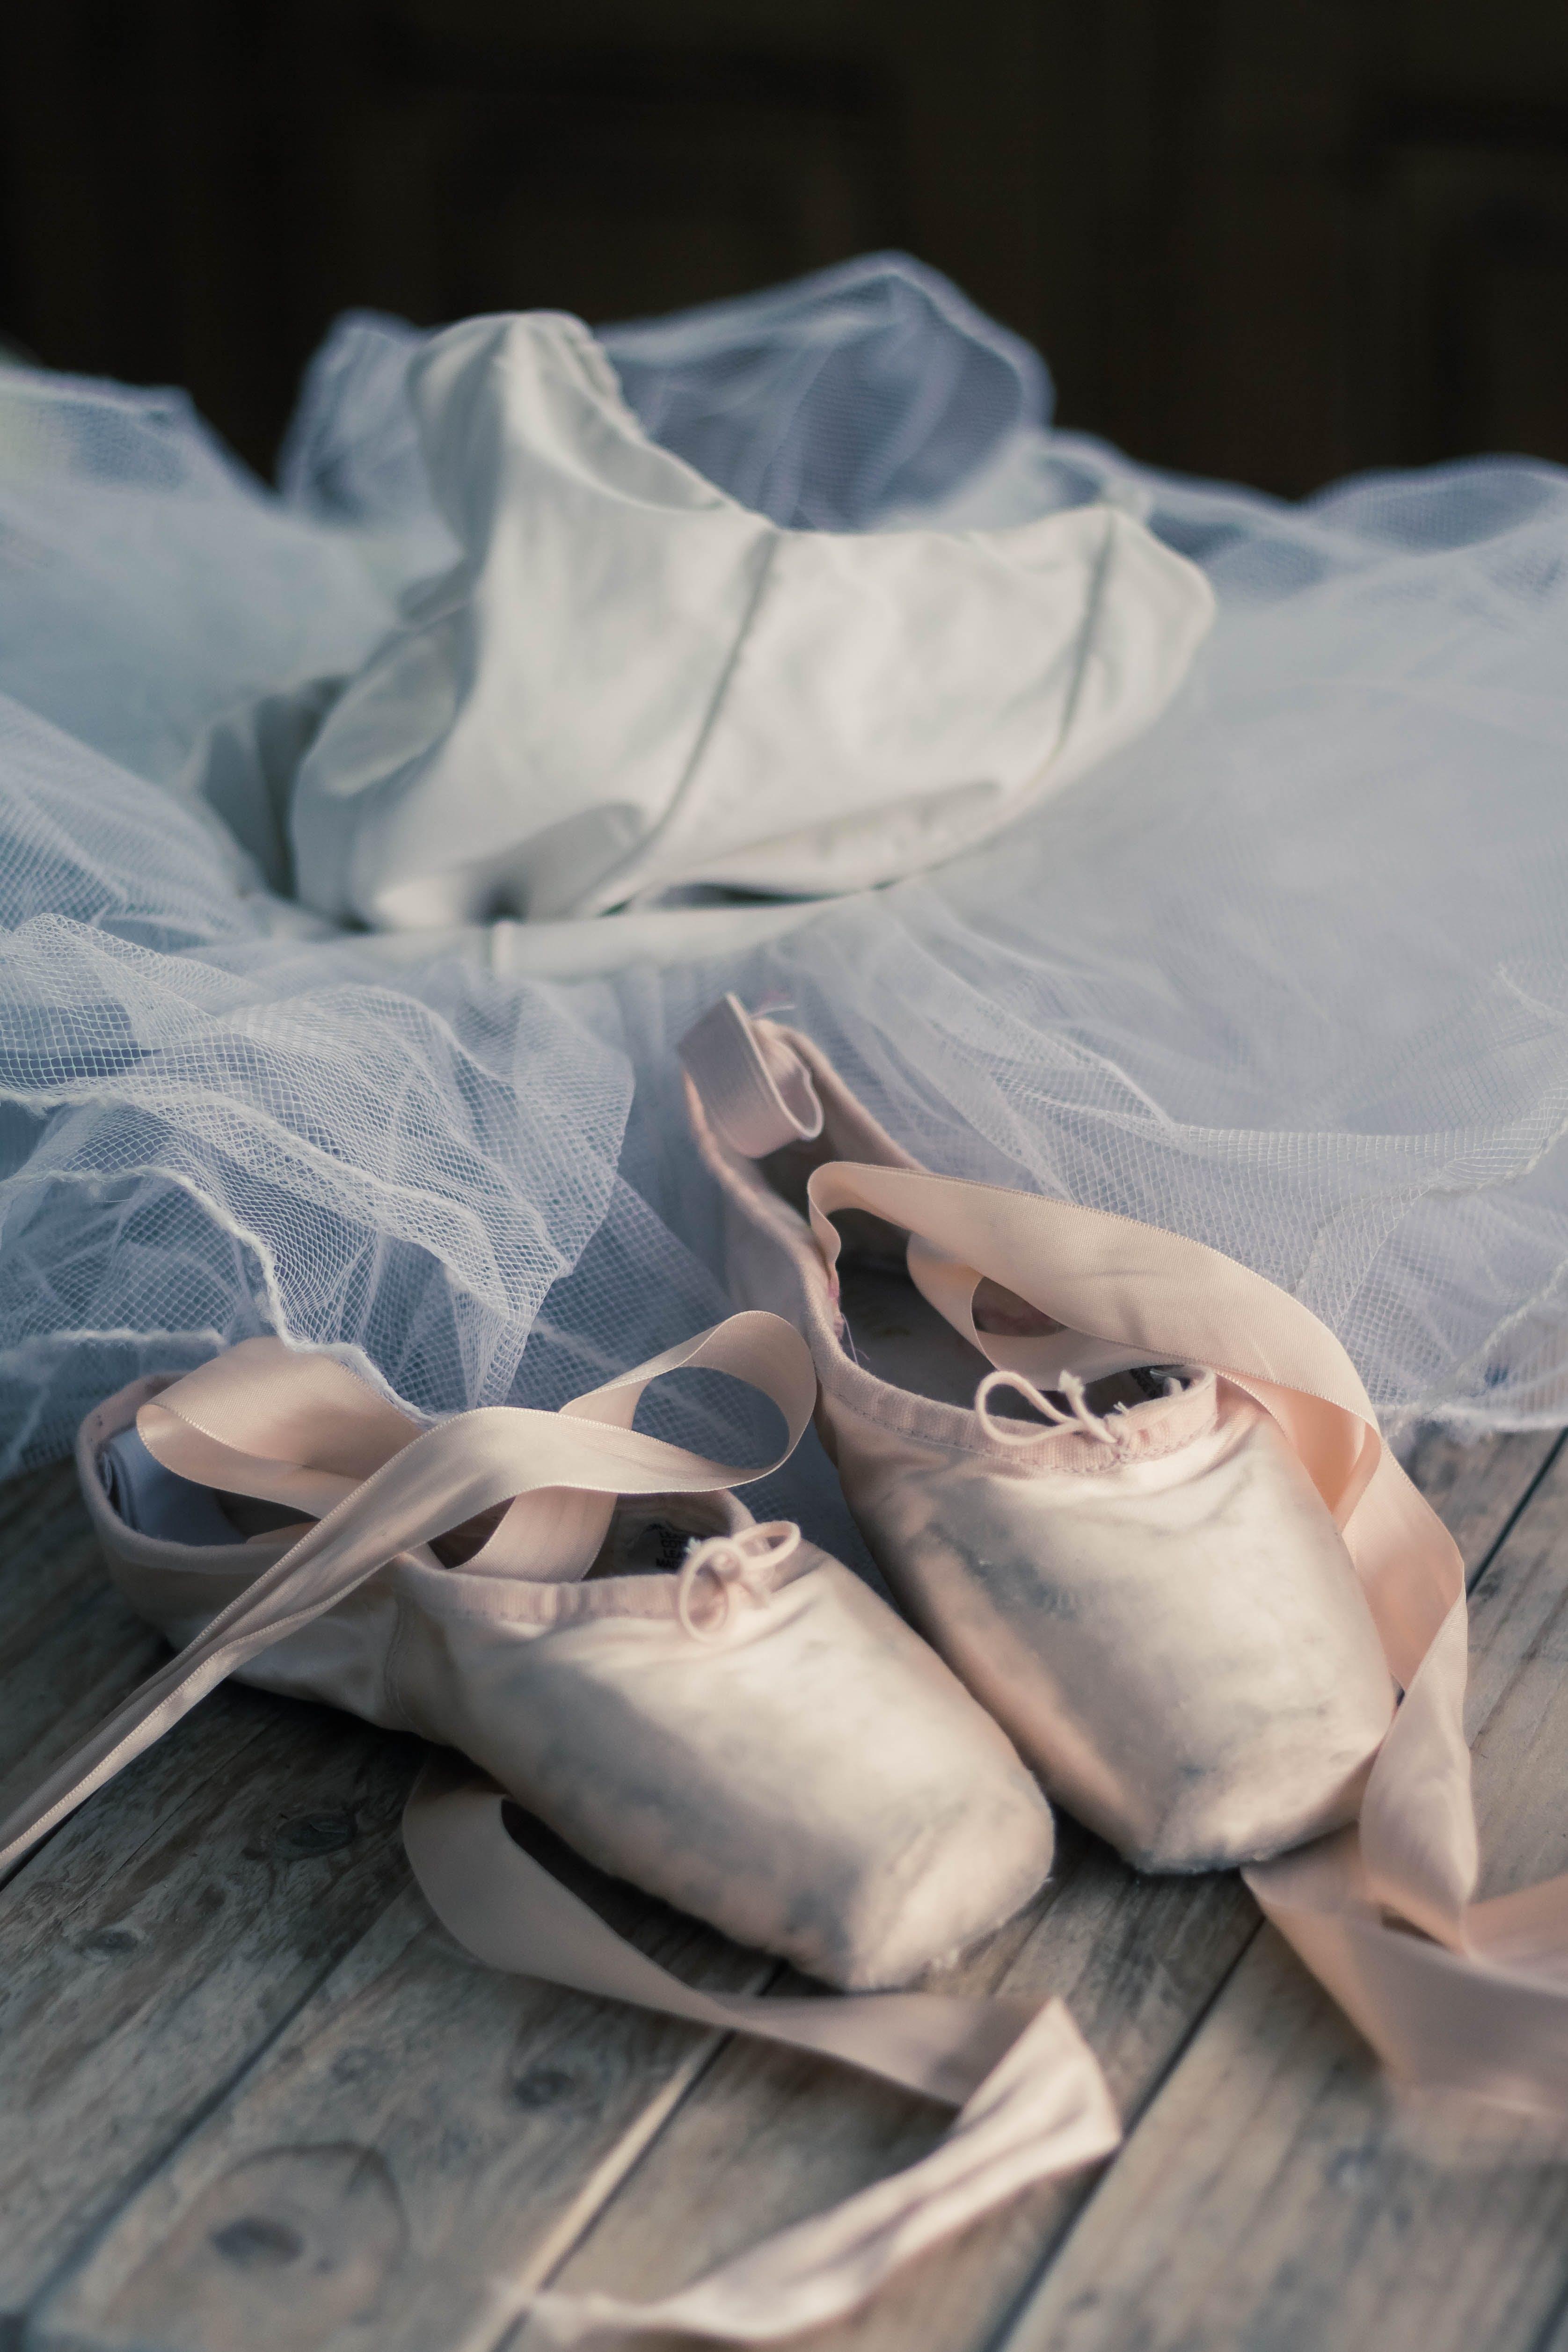 Free stock photo of foot, dance, ballet, dancer